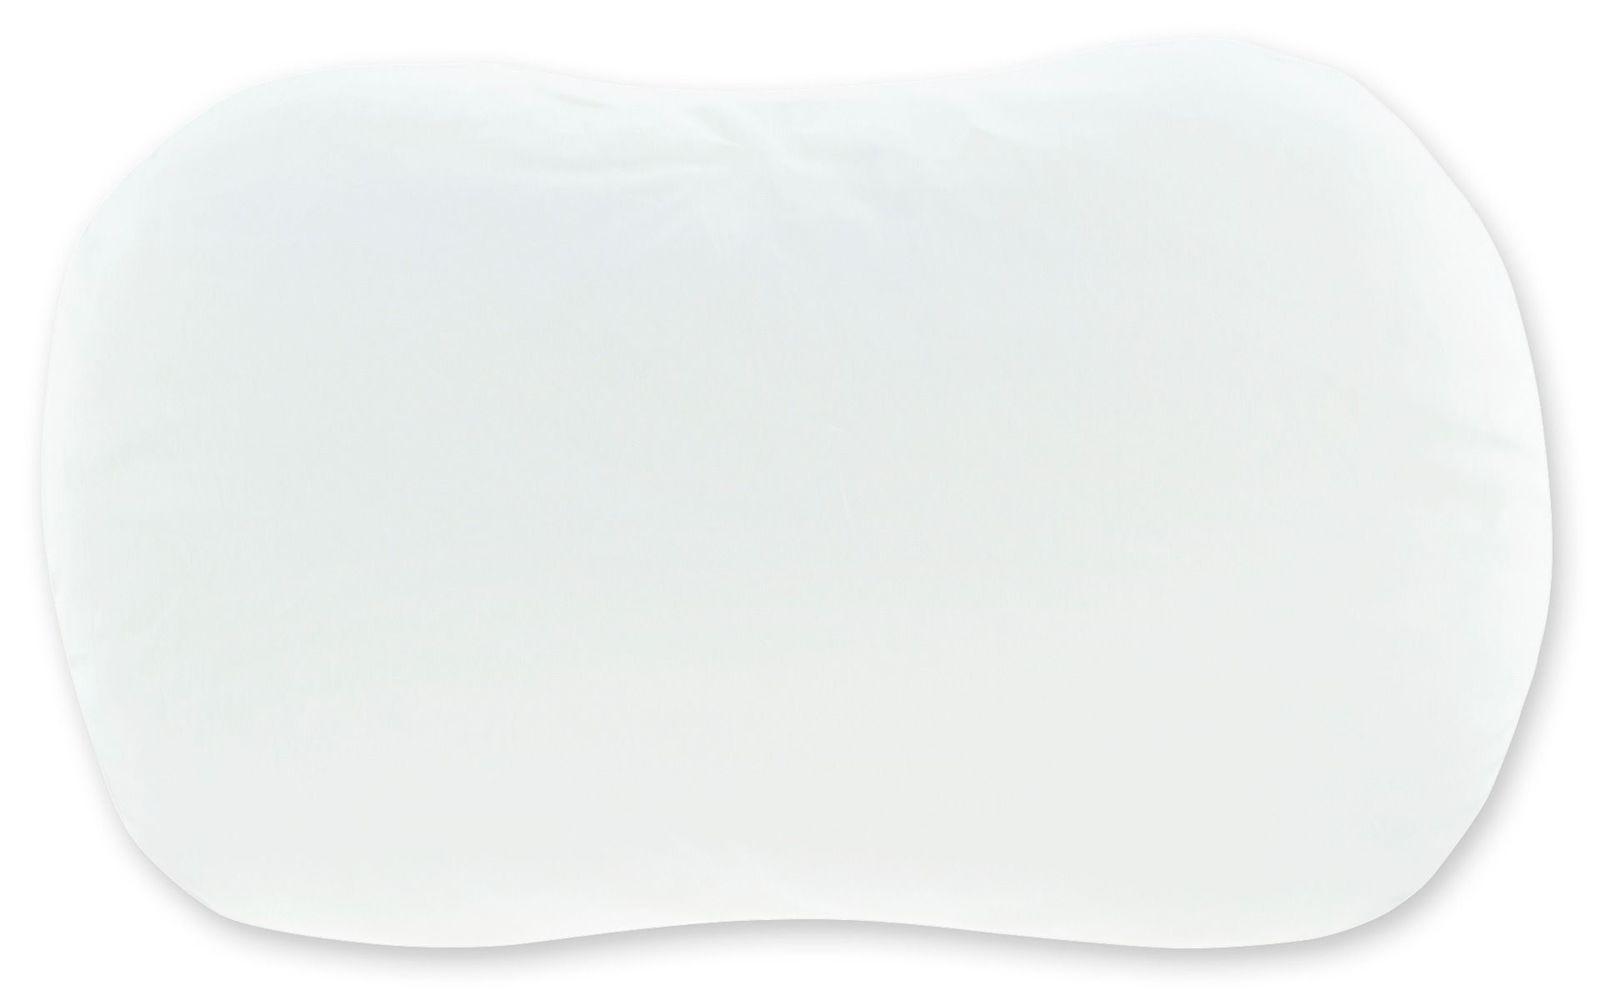 Halo: Foam Mattress image